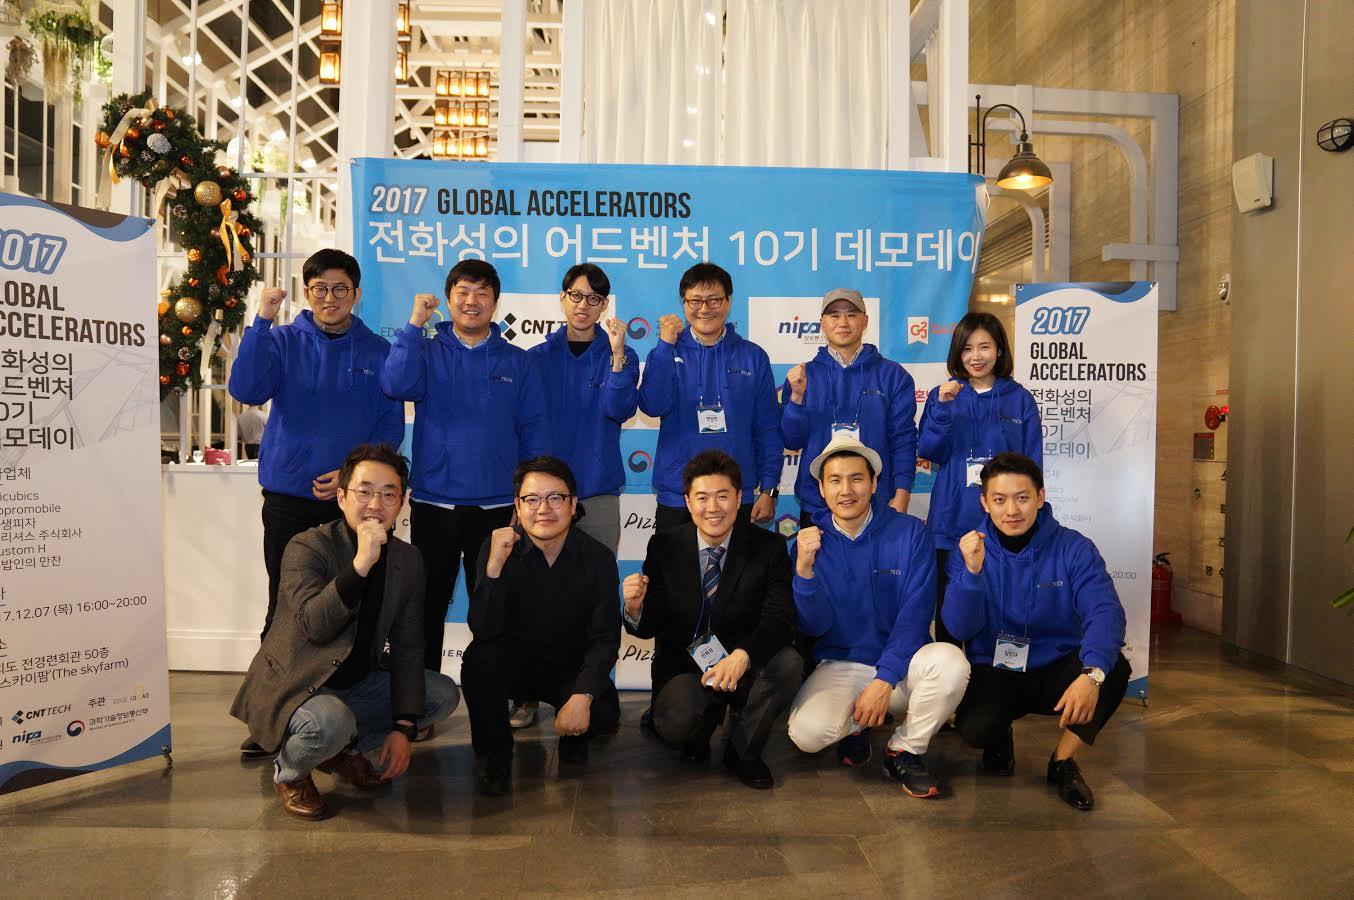 씨엔티테크, '전화성의 어드벤처 10기' 데모데이 개최